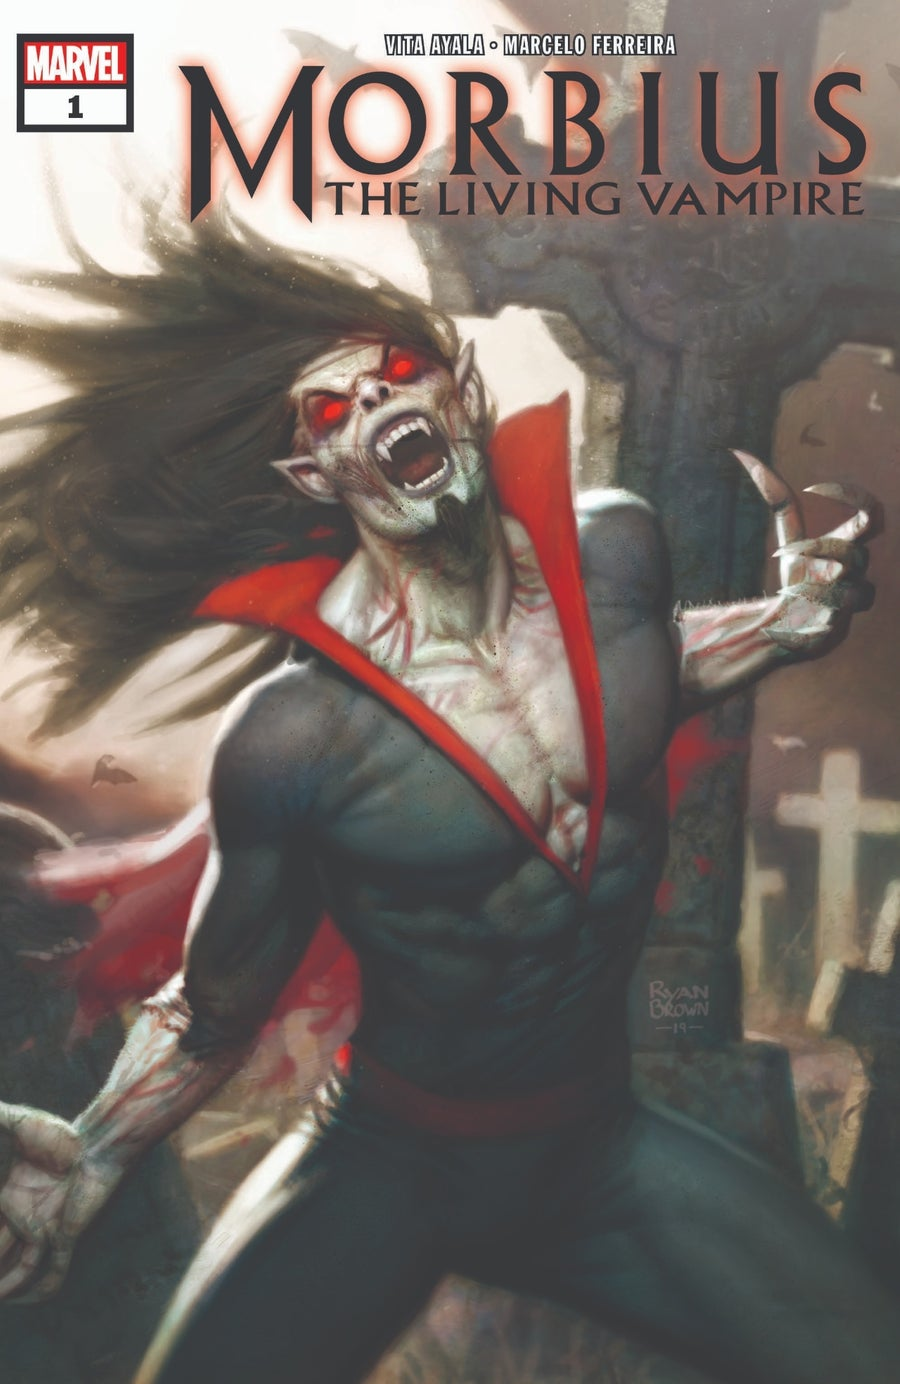 Самый популярный вампир Marvel получит новую серию комиксов | Канобу - Изображение 2